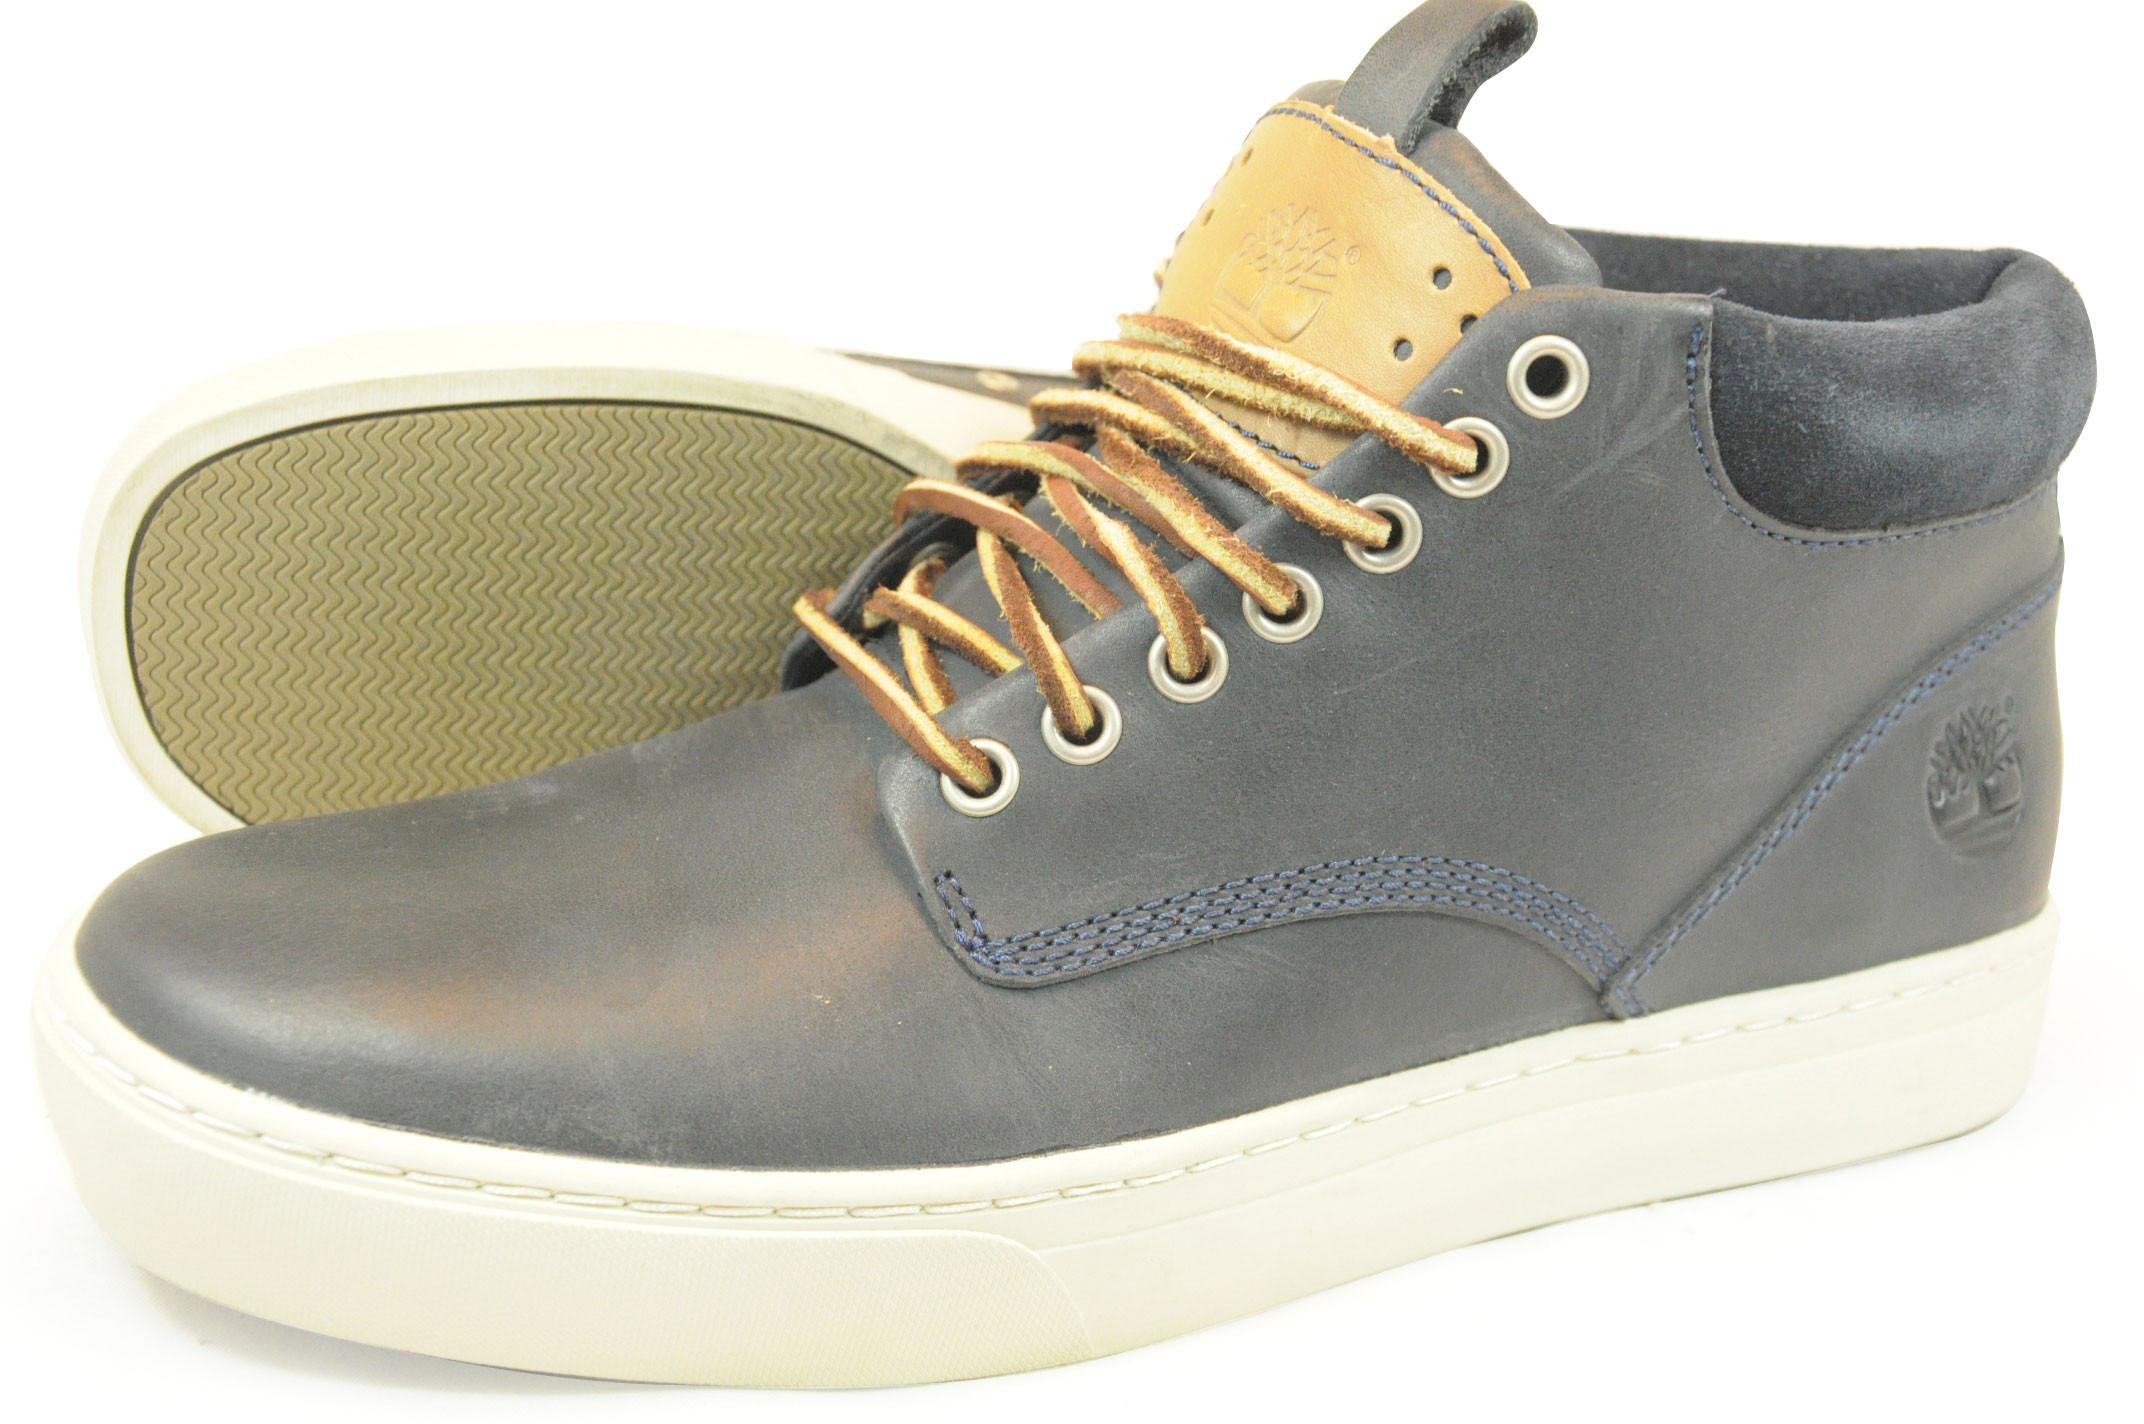 Bild Nummer 2 von Timberland Sneakers